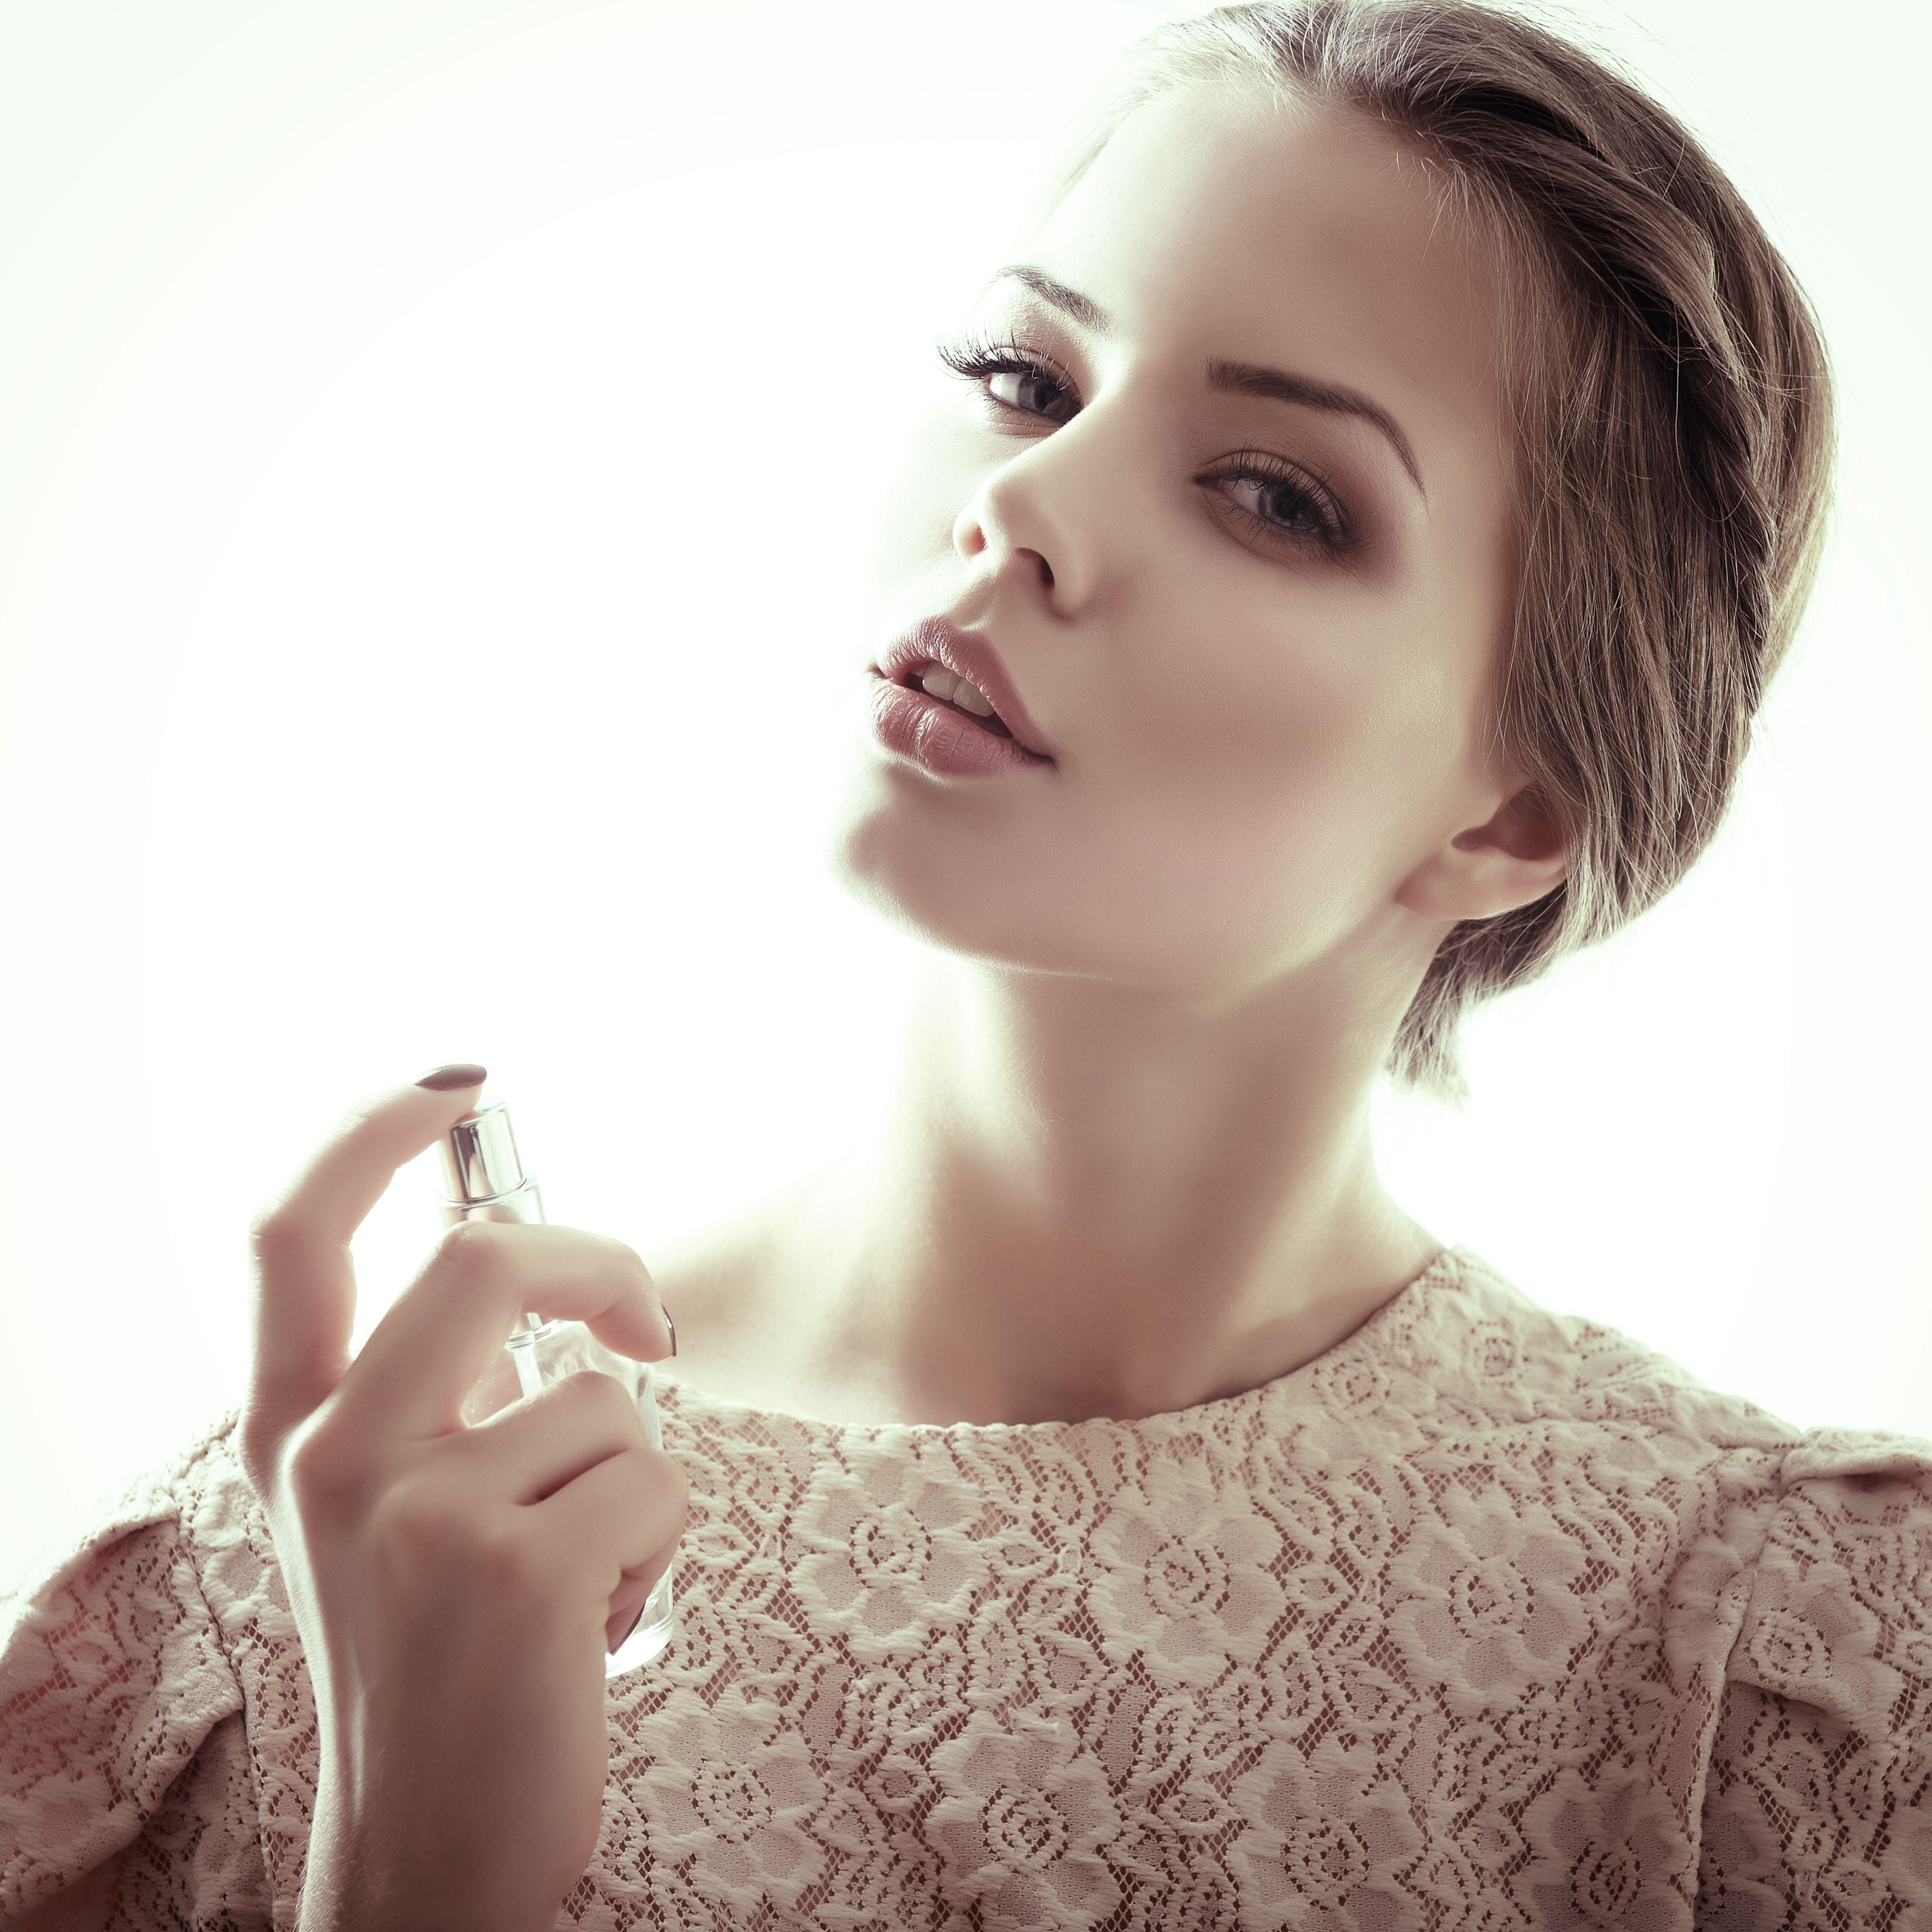 「女の子ってなんかいい匂いするよね」。って、男性が言っているのを一度は耳にしたことありませんか?ふんわりいい匂いの女性はいつの時代も好感度高し。自然で女性らしい香りを身に着けるためのコツをご紹介します。